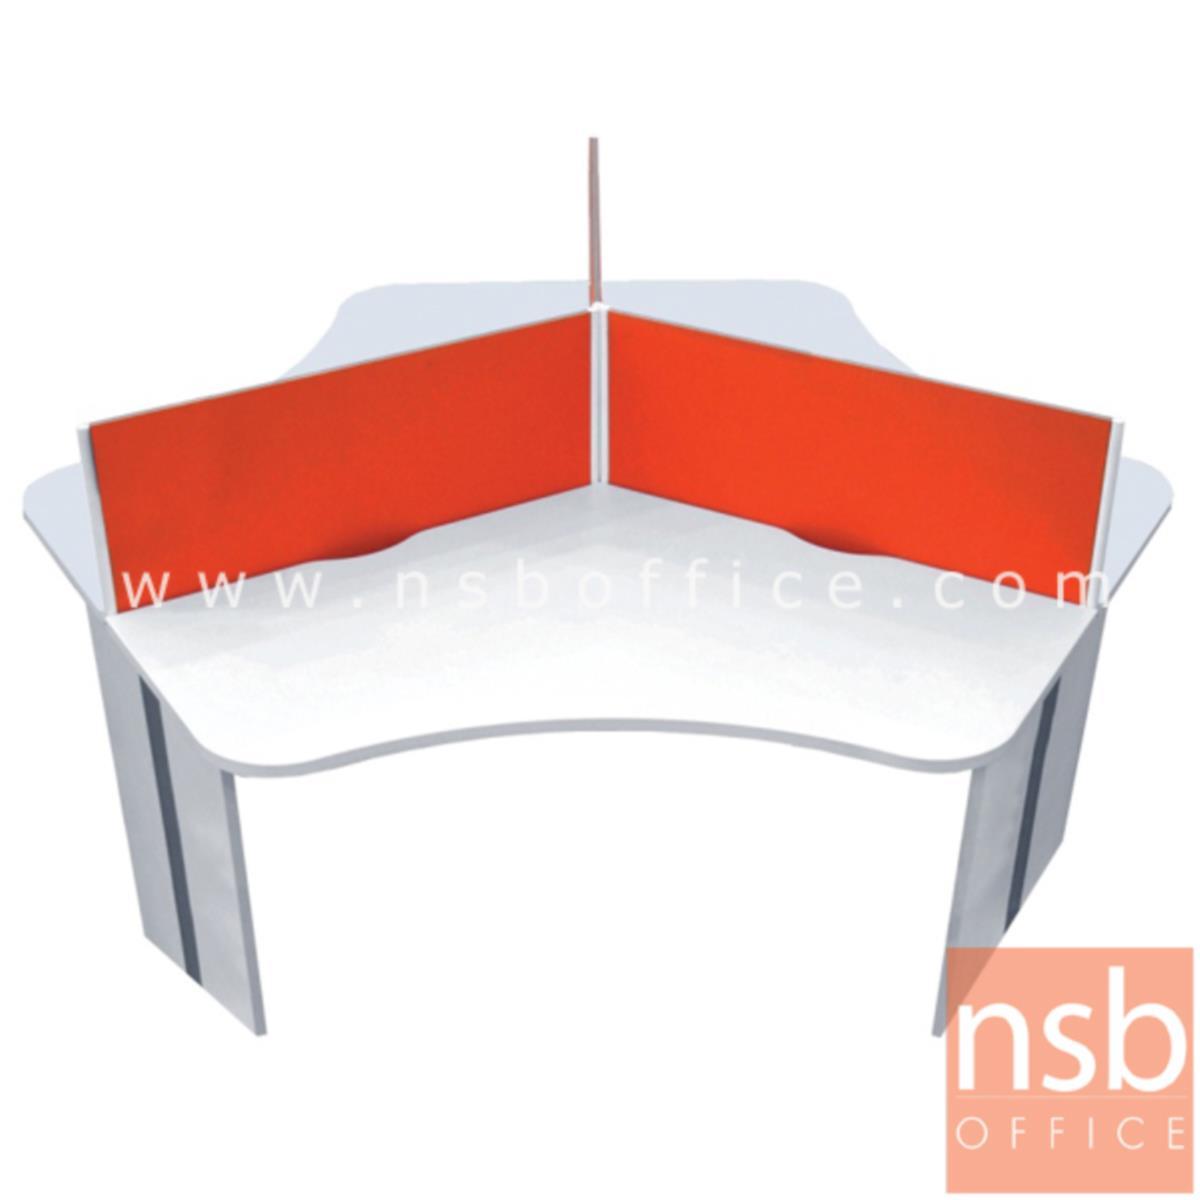 A27A016:ชุดโต๊ะทำงานกลุ่ม 3 ที่นั่ง  รุ่น CALL-SET1 ขนาด 198W cm. พร้อมด้วยมินิสกรีนบุผ้า